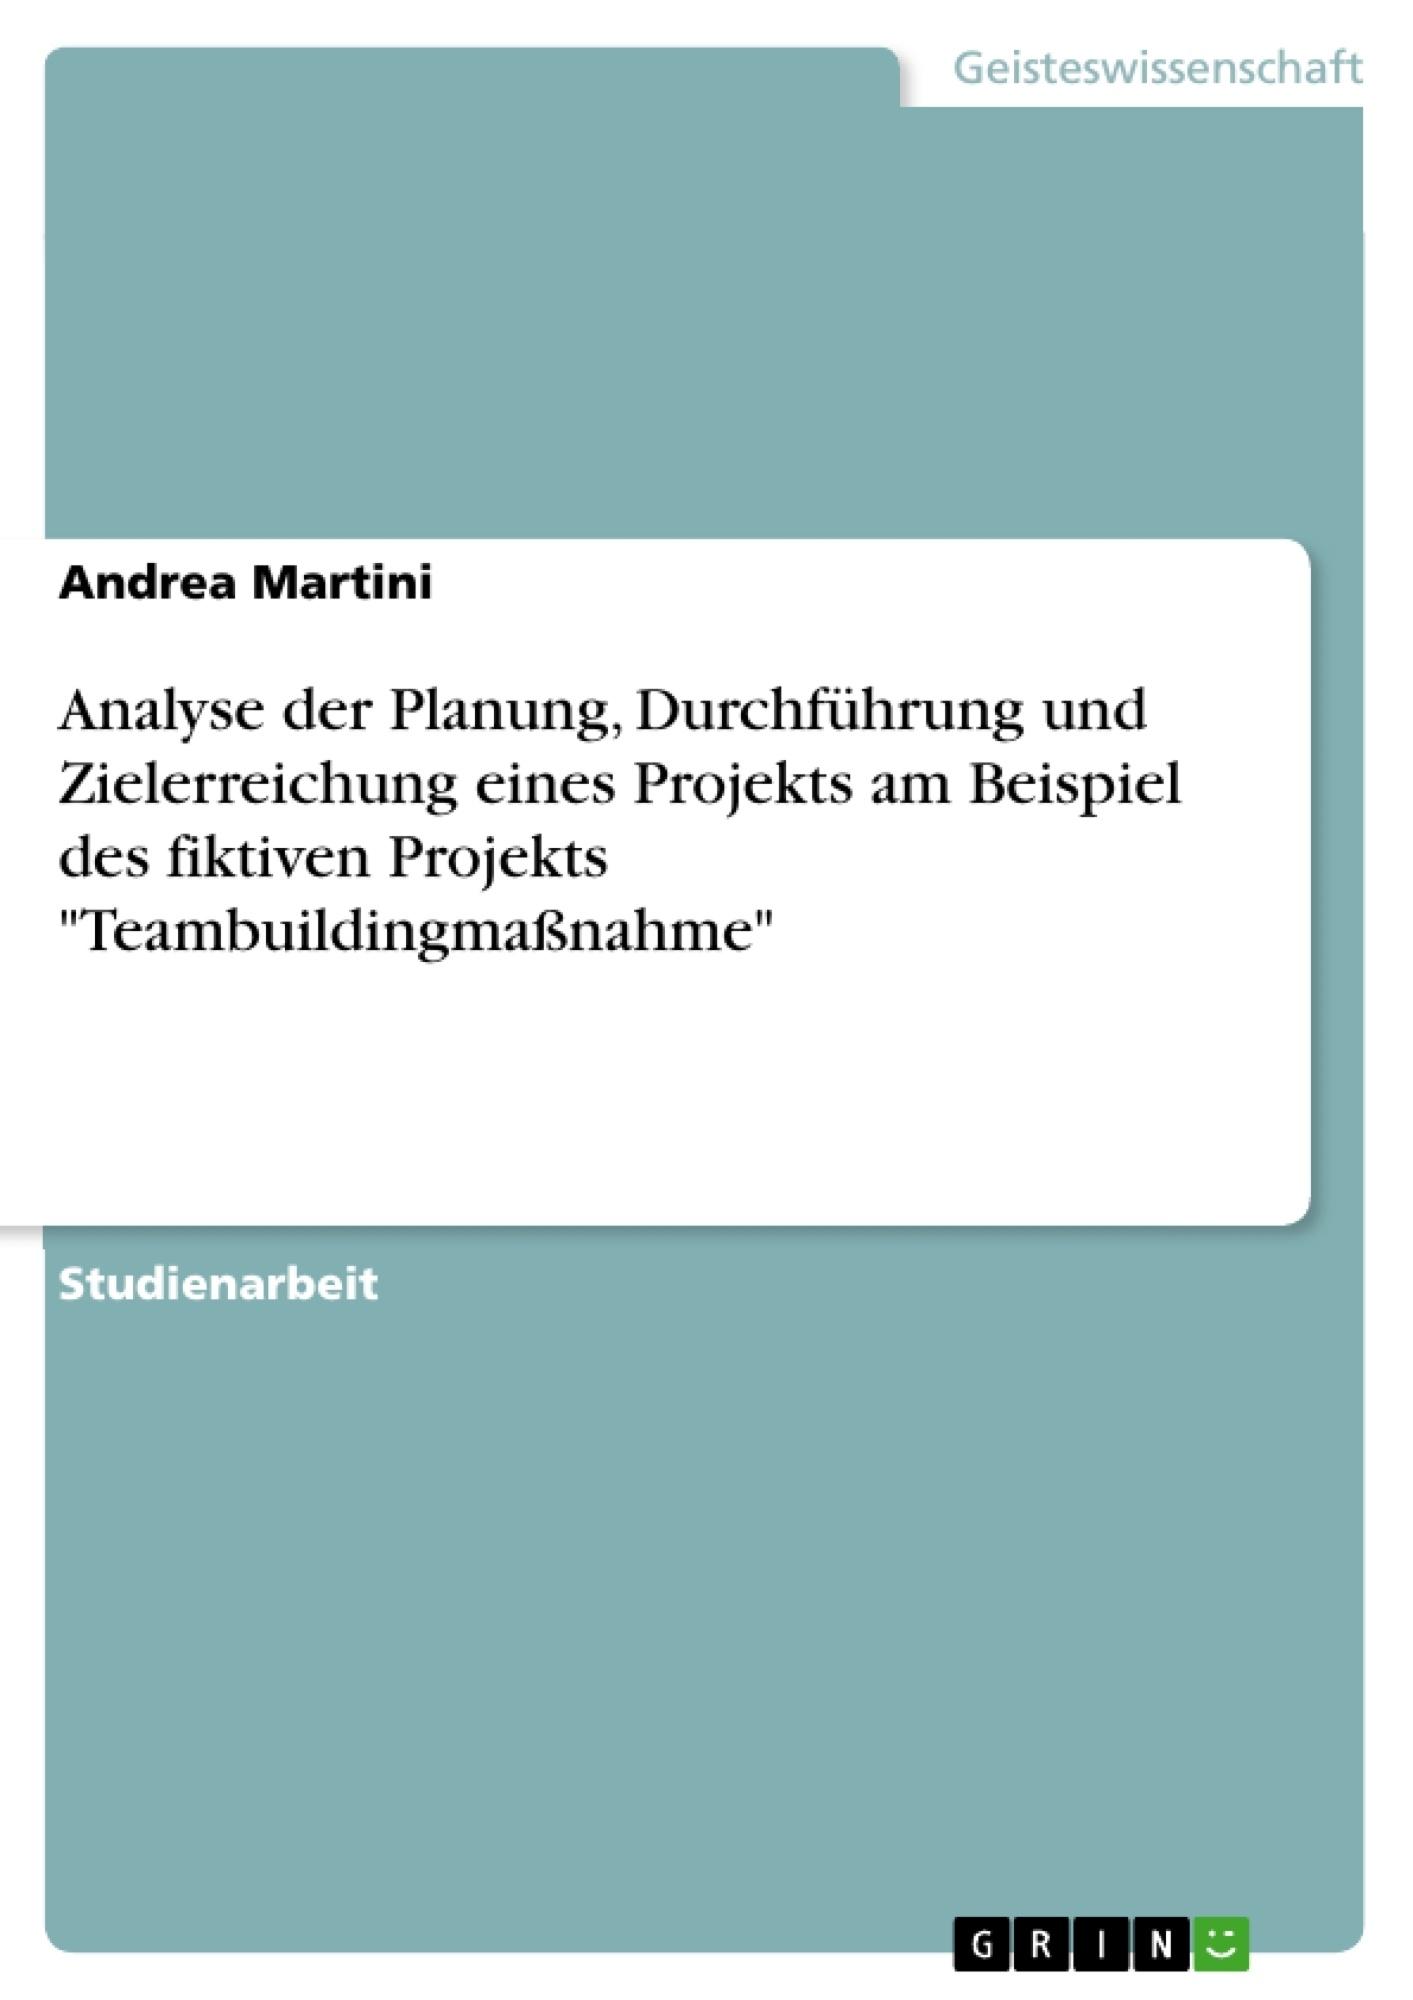 """Titel: Analyse der Planung, Durchführung und Zielerreichung eines Projekts am Beispiel des fiktiven Projekts """"Teambuildingmaßnahme"""""""